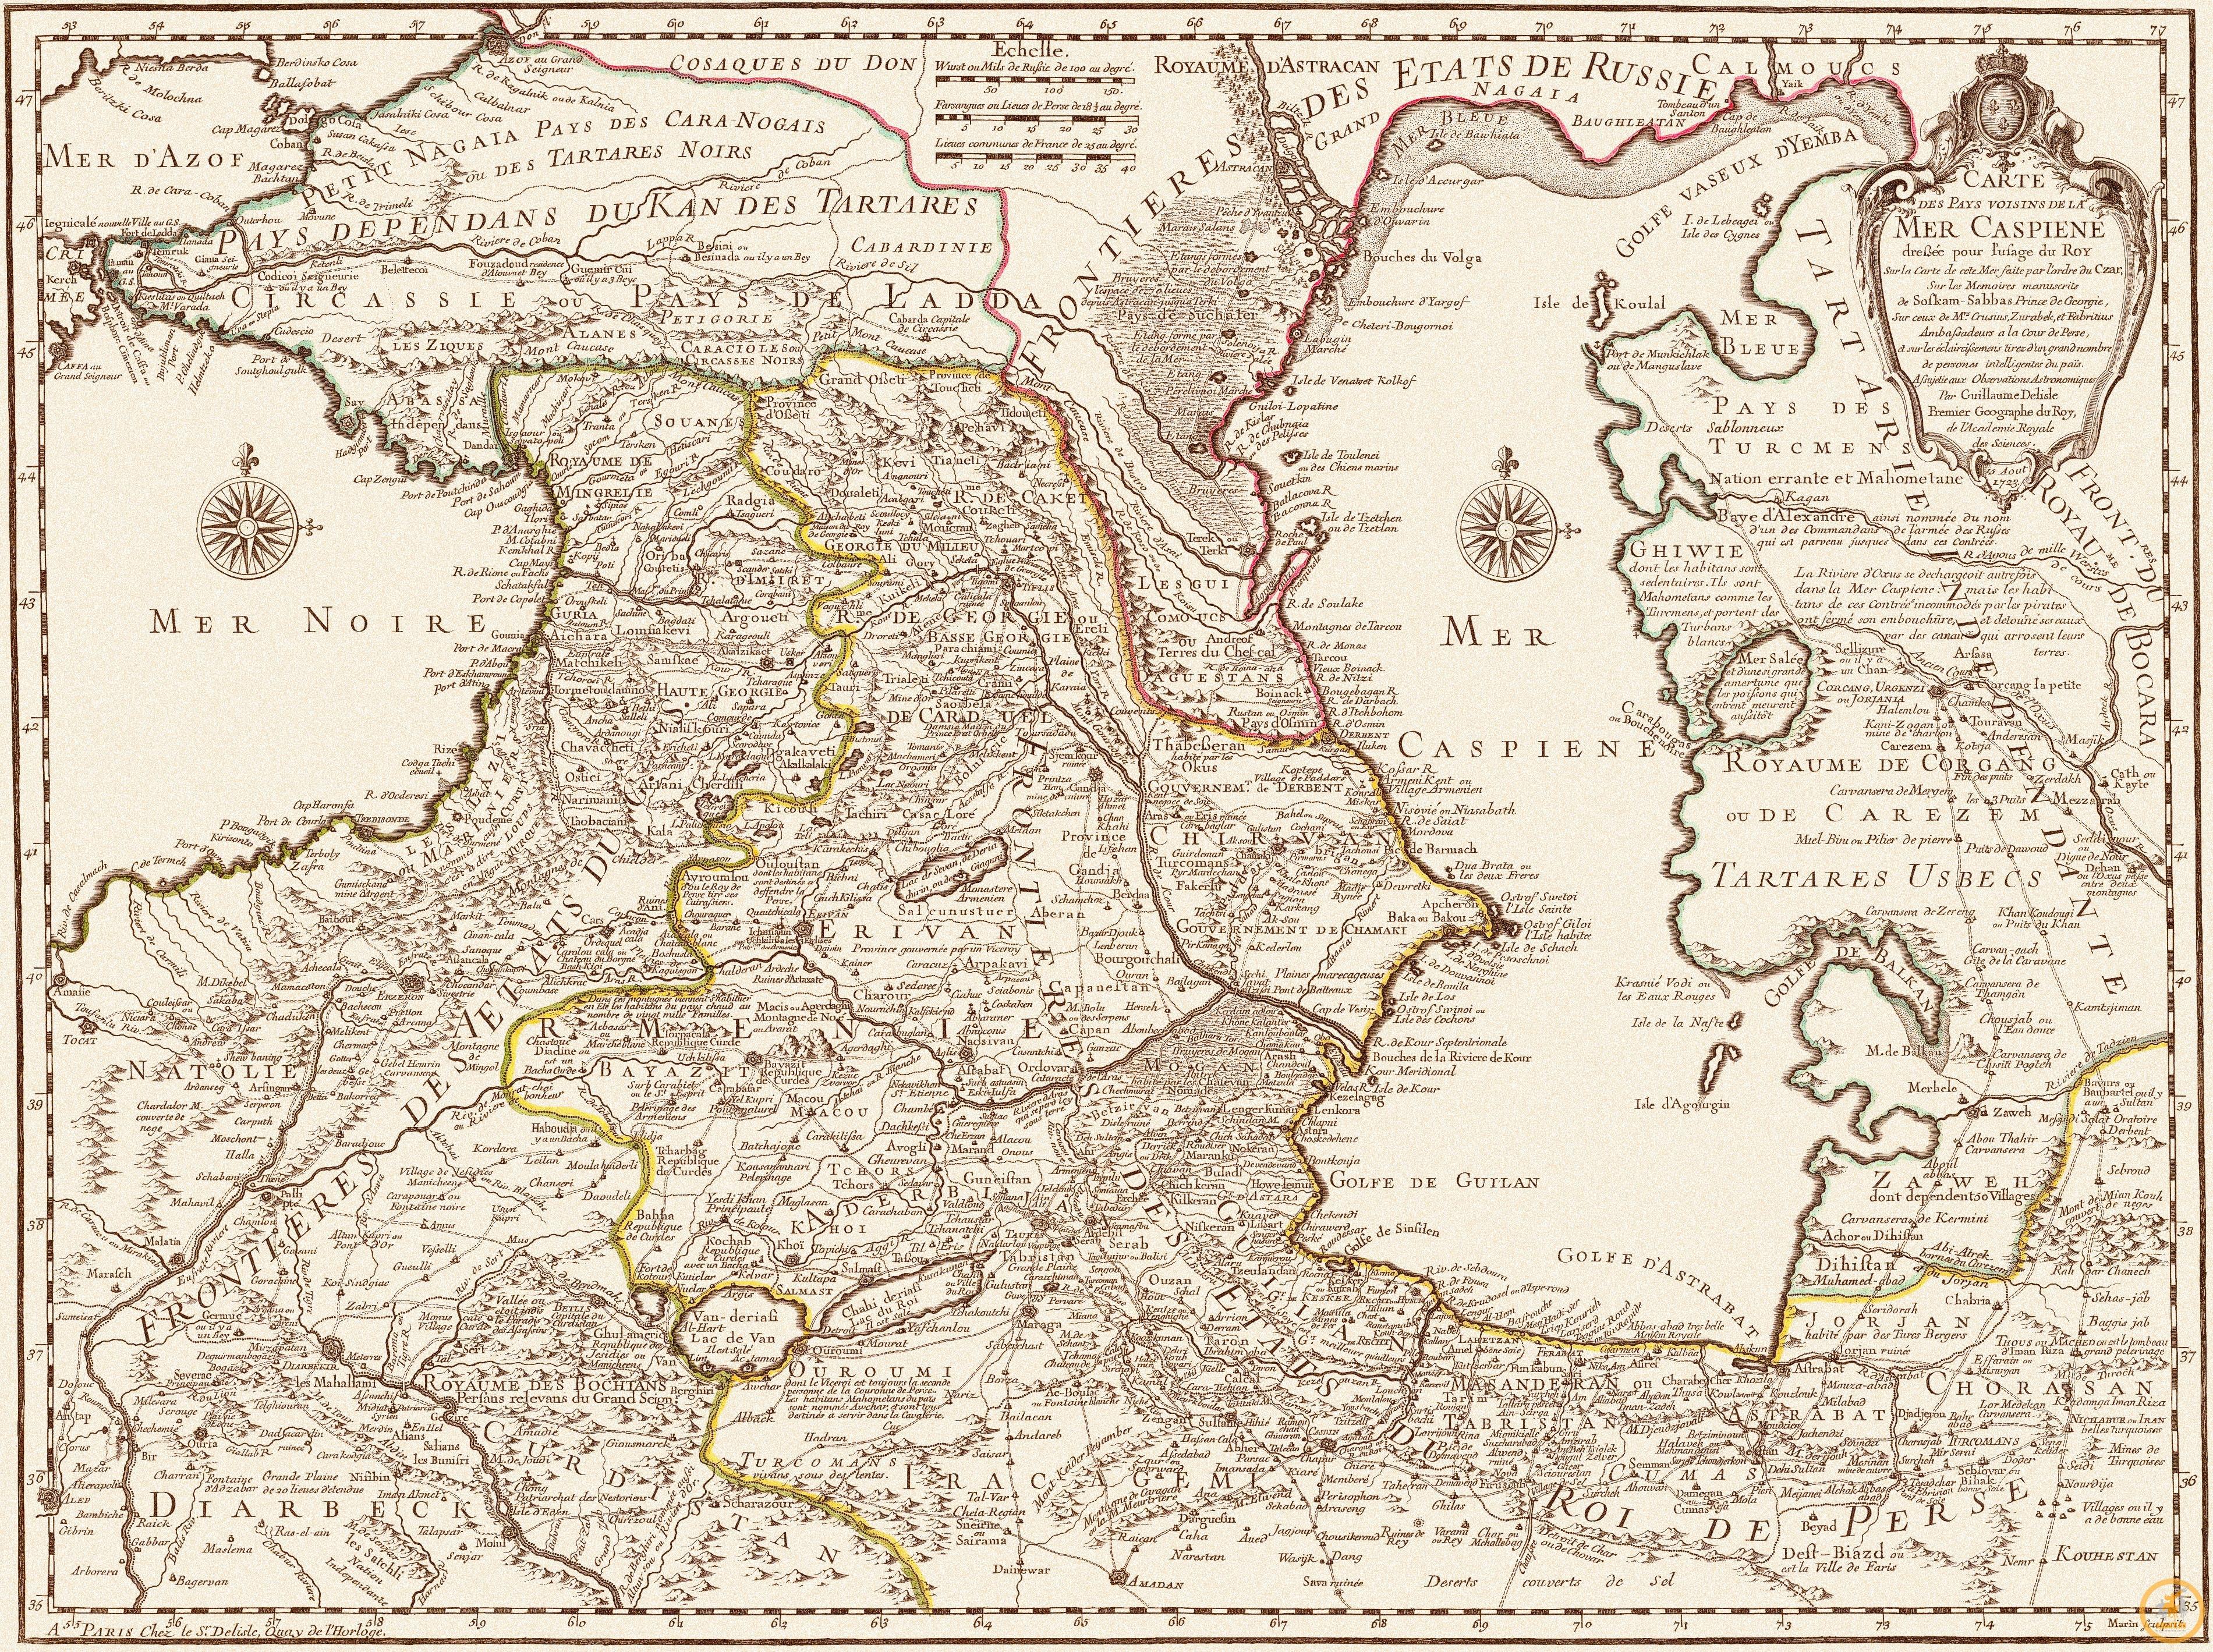 Лиль Гильом де. Страны, лежащие вокруг Каспийского моря, 1723 г.